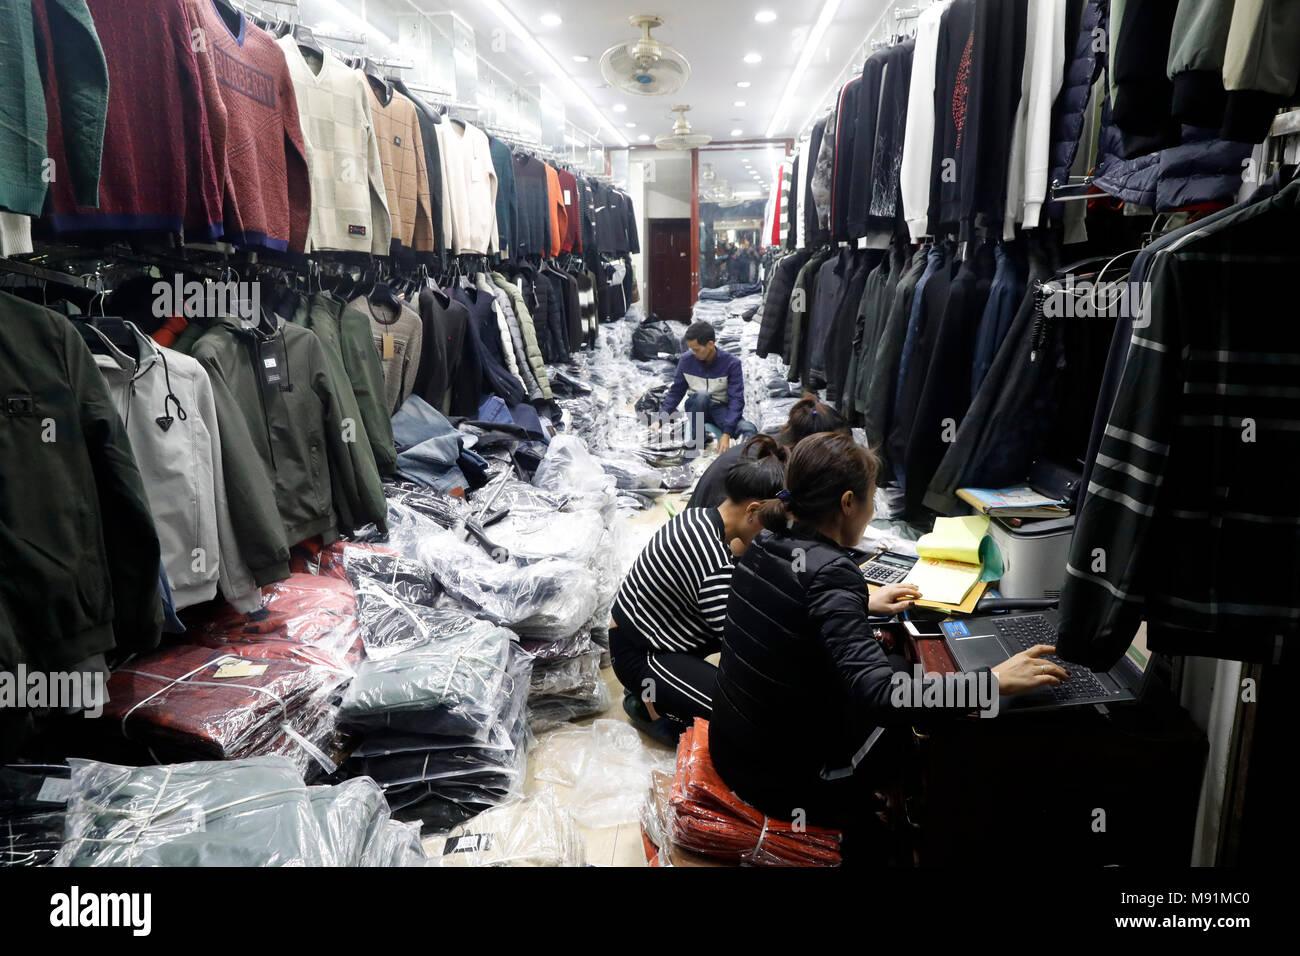 Toile pour une vente en magasin. Hanoi. Le Vietnam. Photo Stock